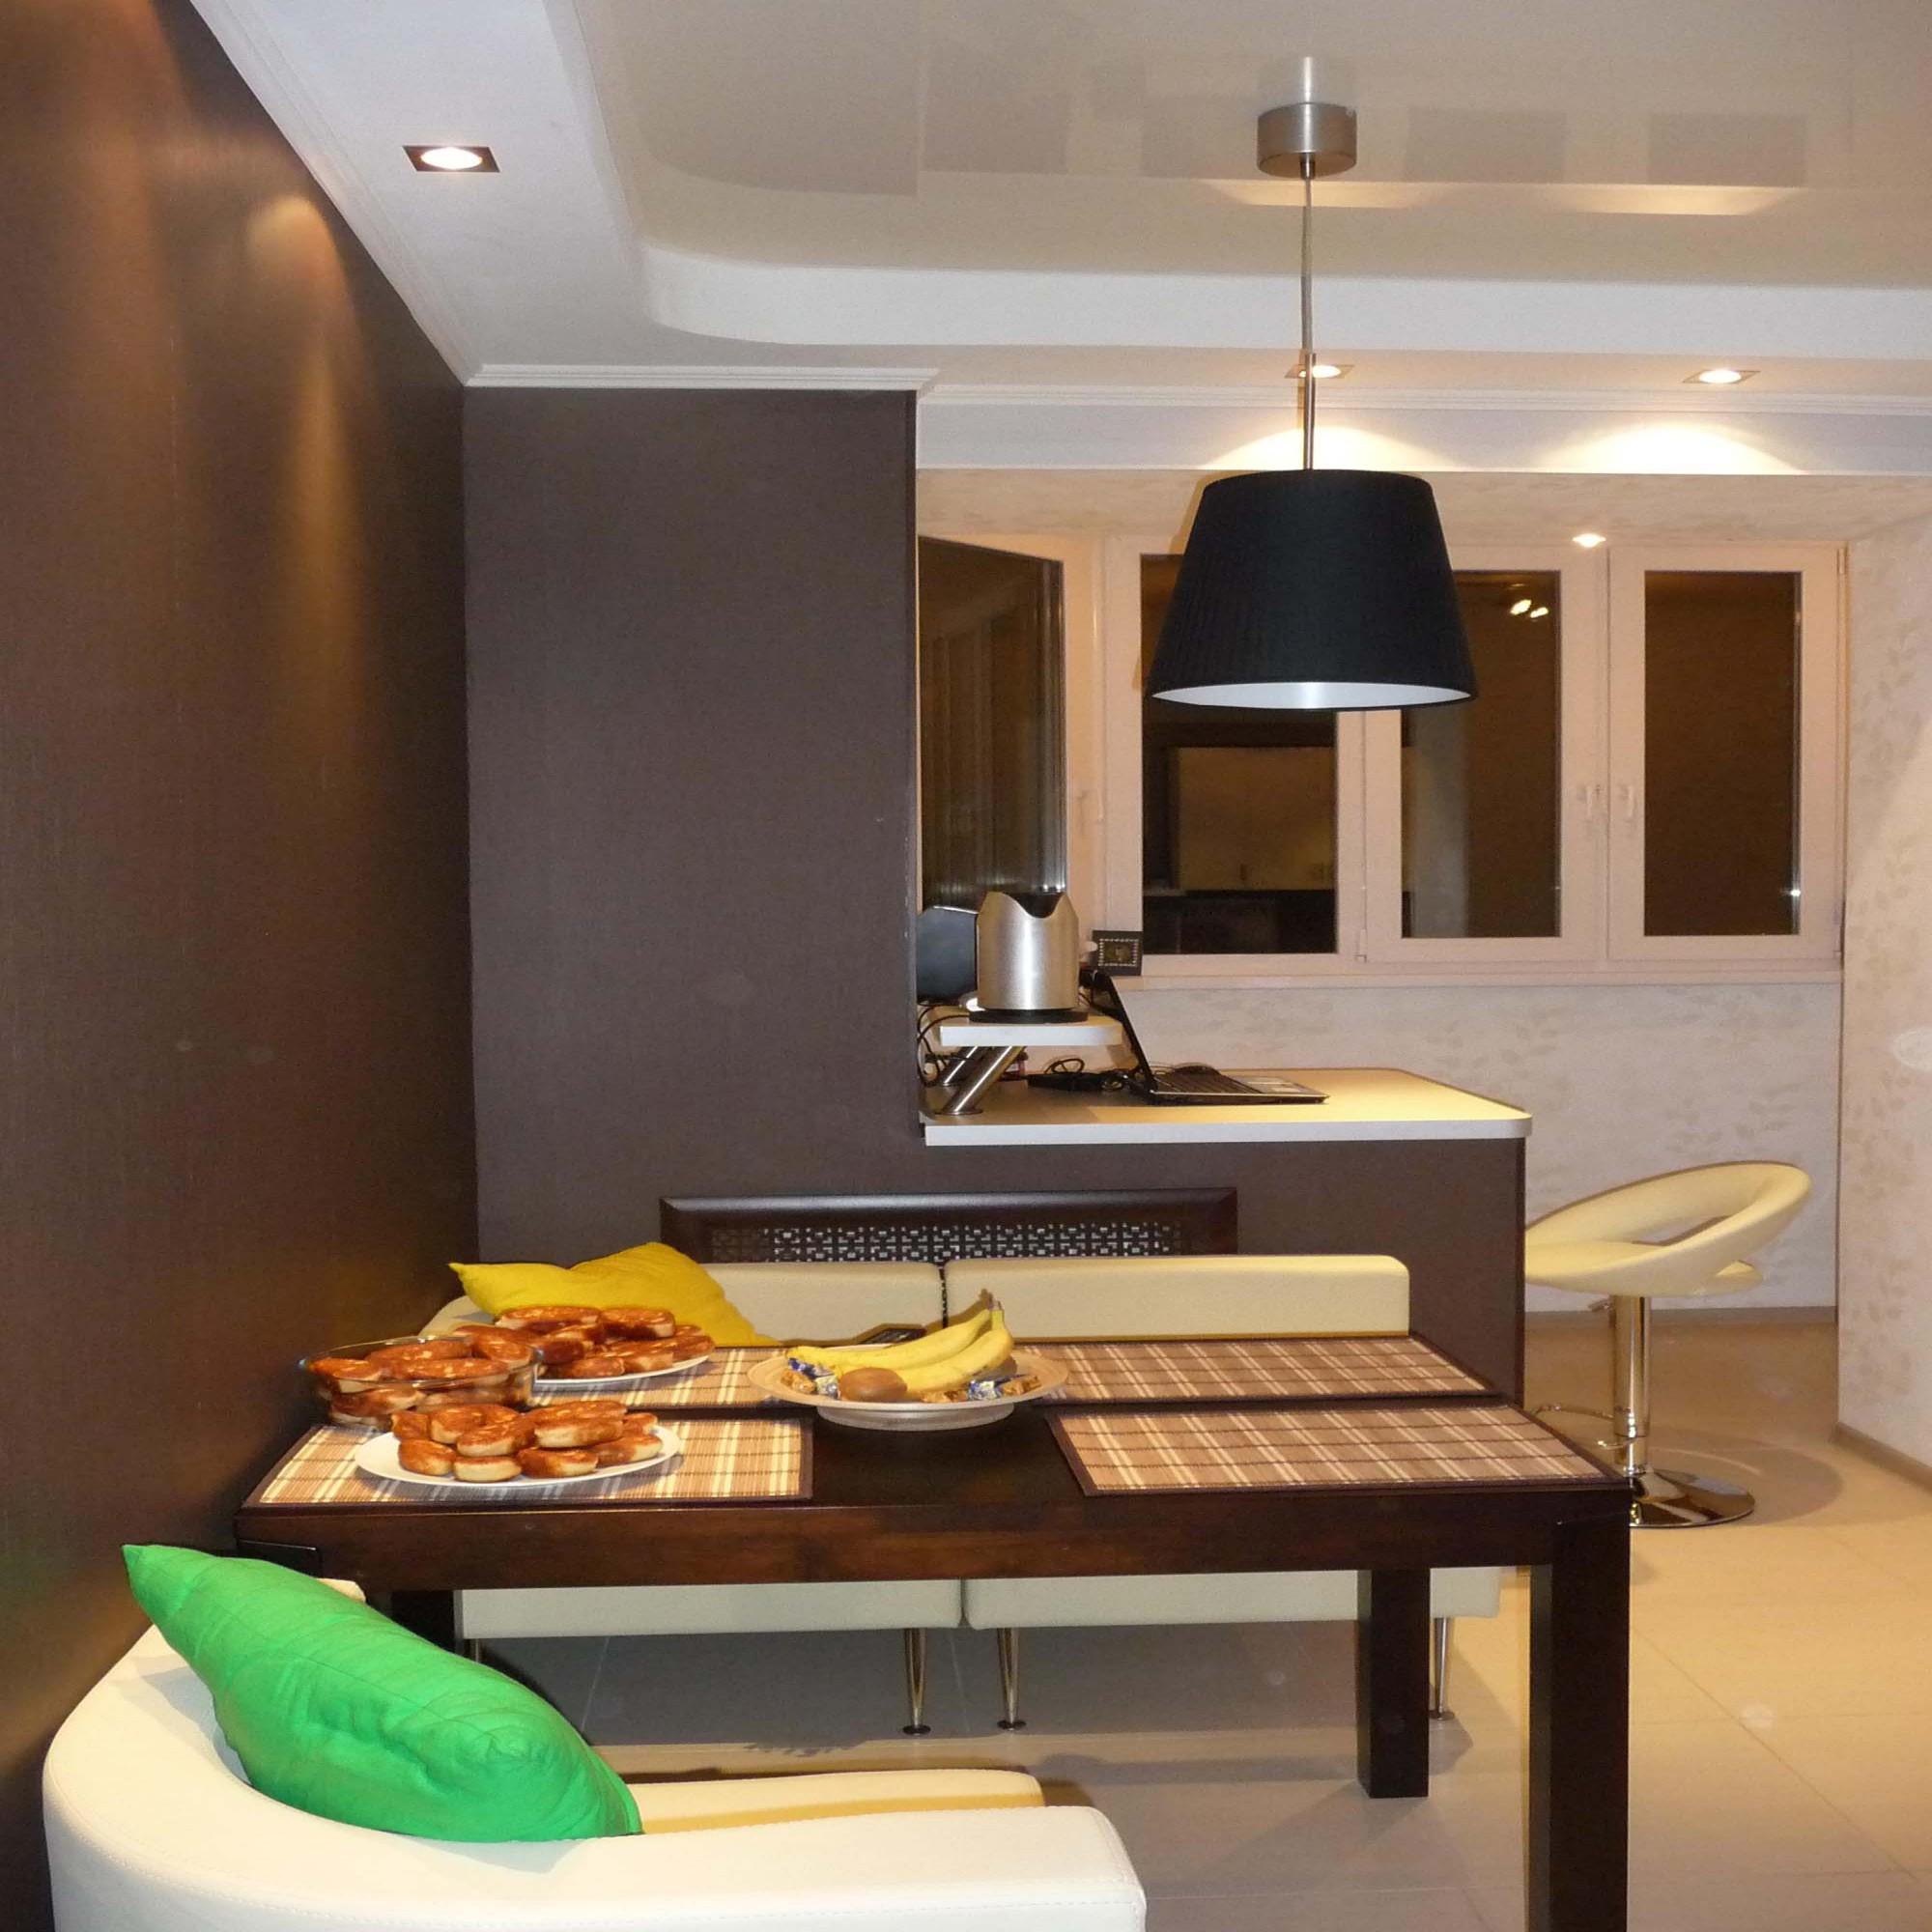 Кухня с балконом - как совместить два интерьера? 100 фото го.